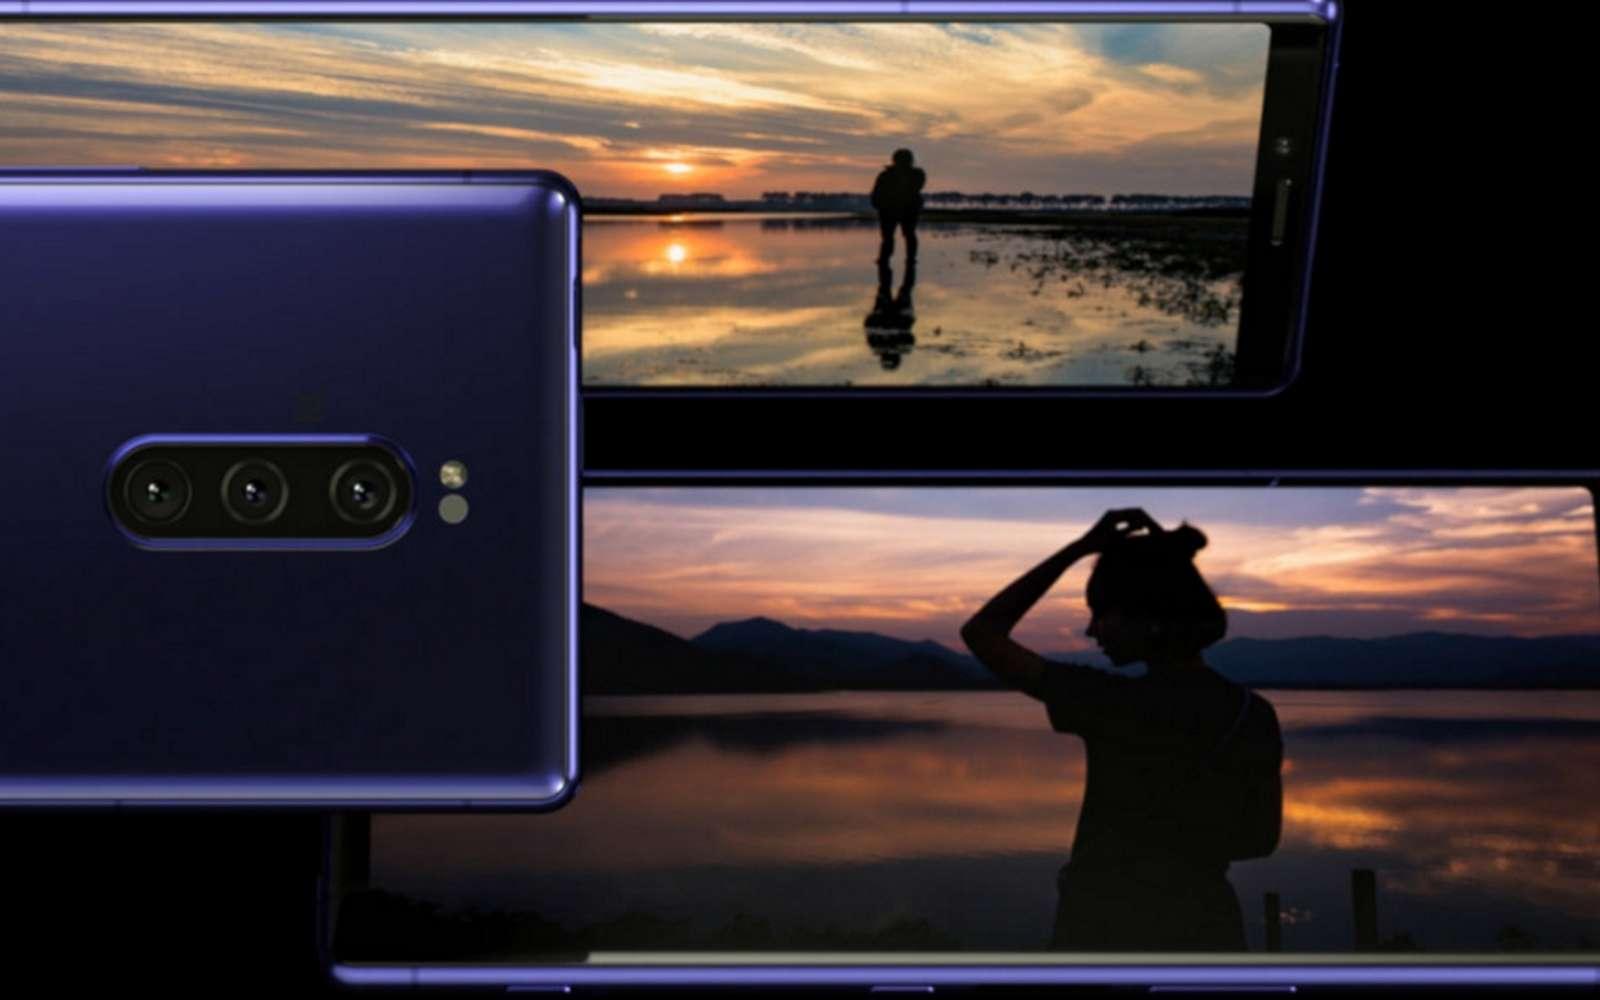 L'Xperia 1 sera commercialisé en mai prochain au prix de 999 euros. Outre son écran, il dispose d'optiques photo de qualité et d'une configuration musclée. © Sony